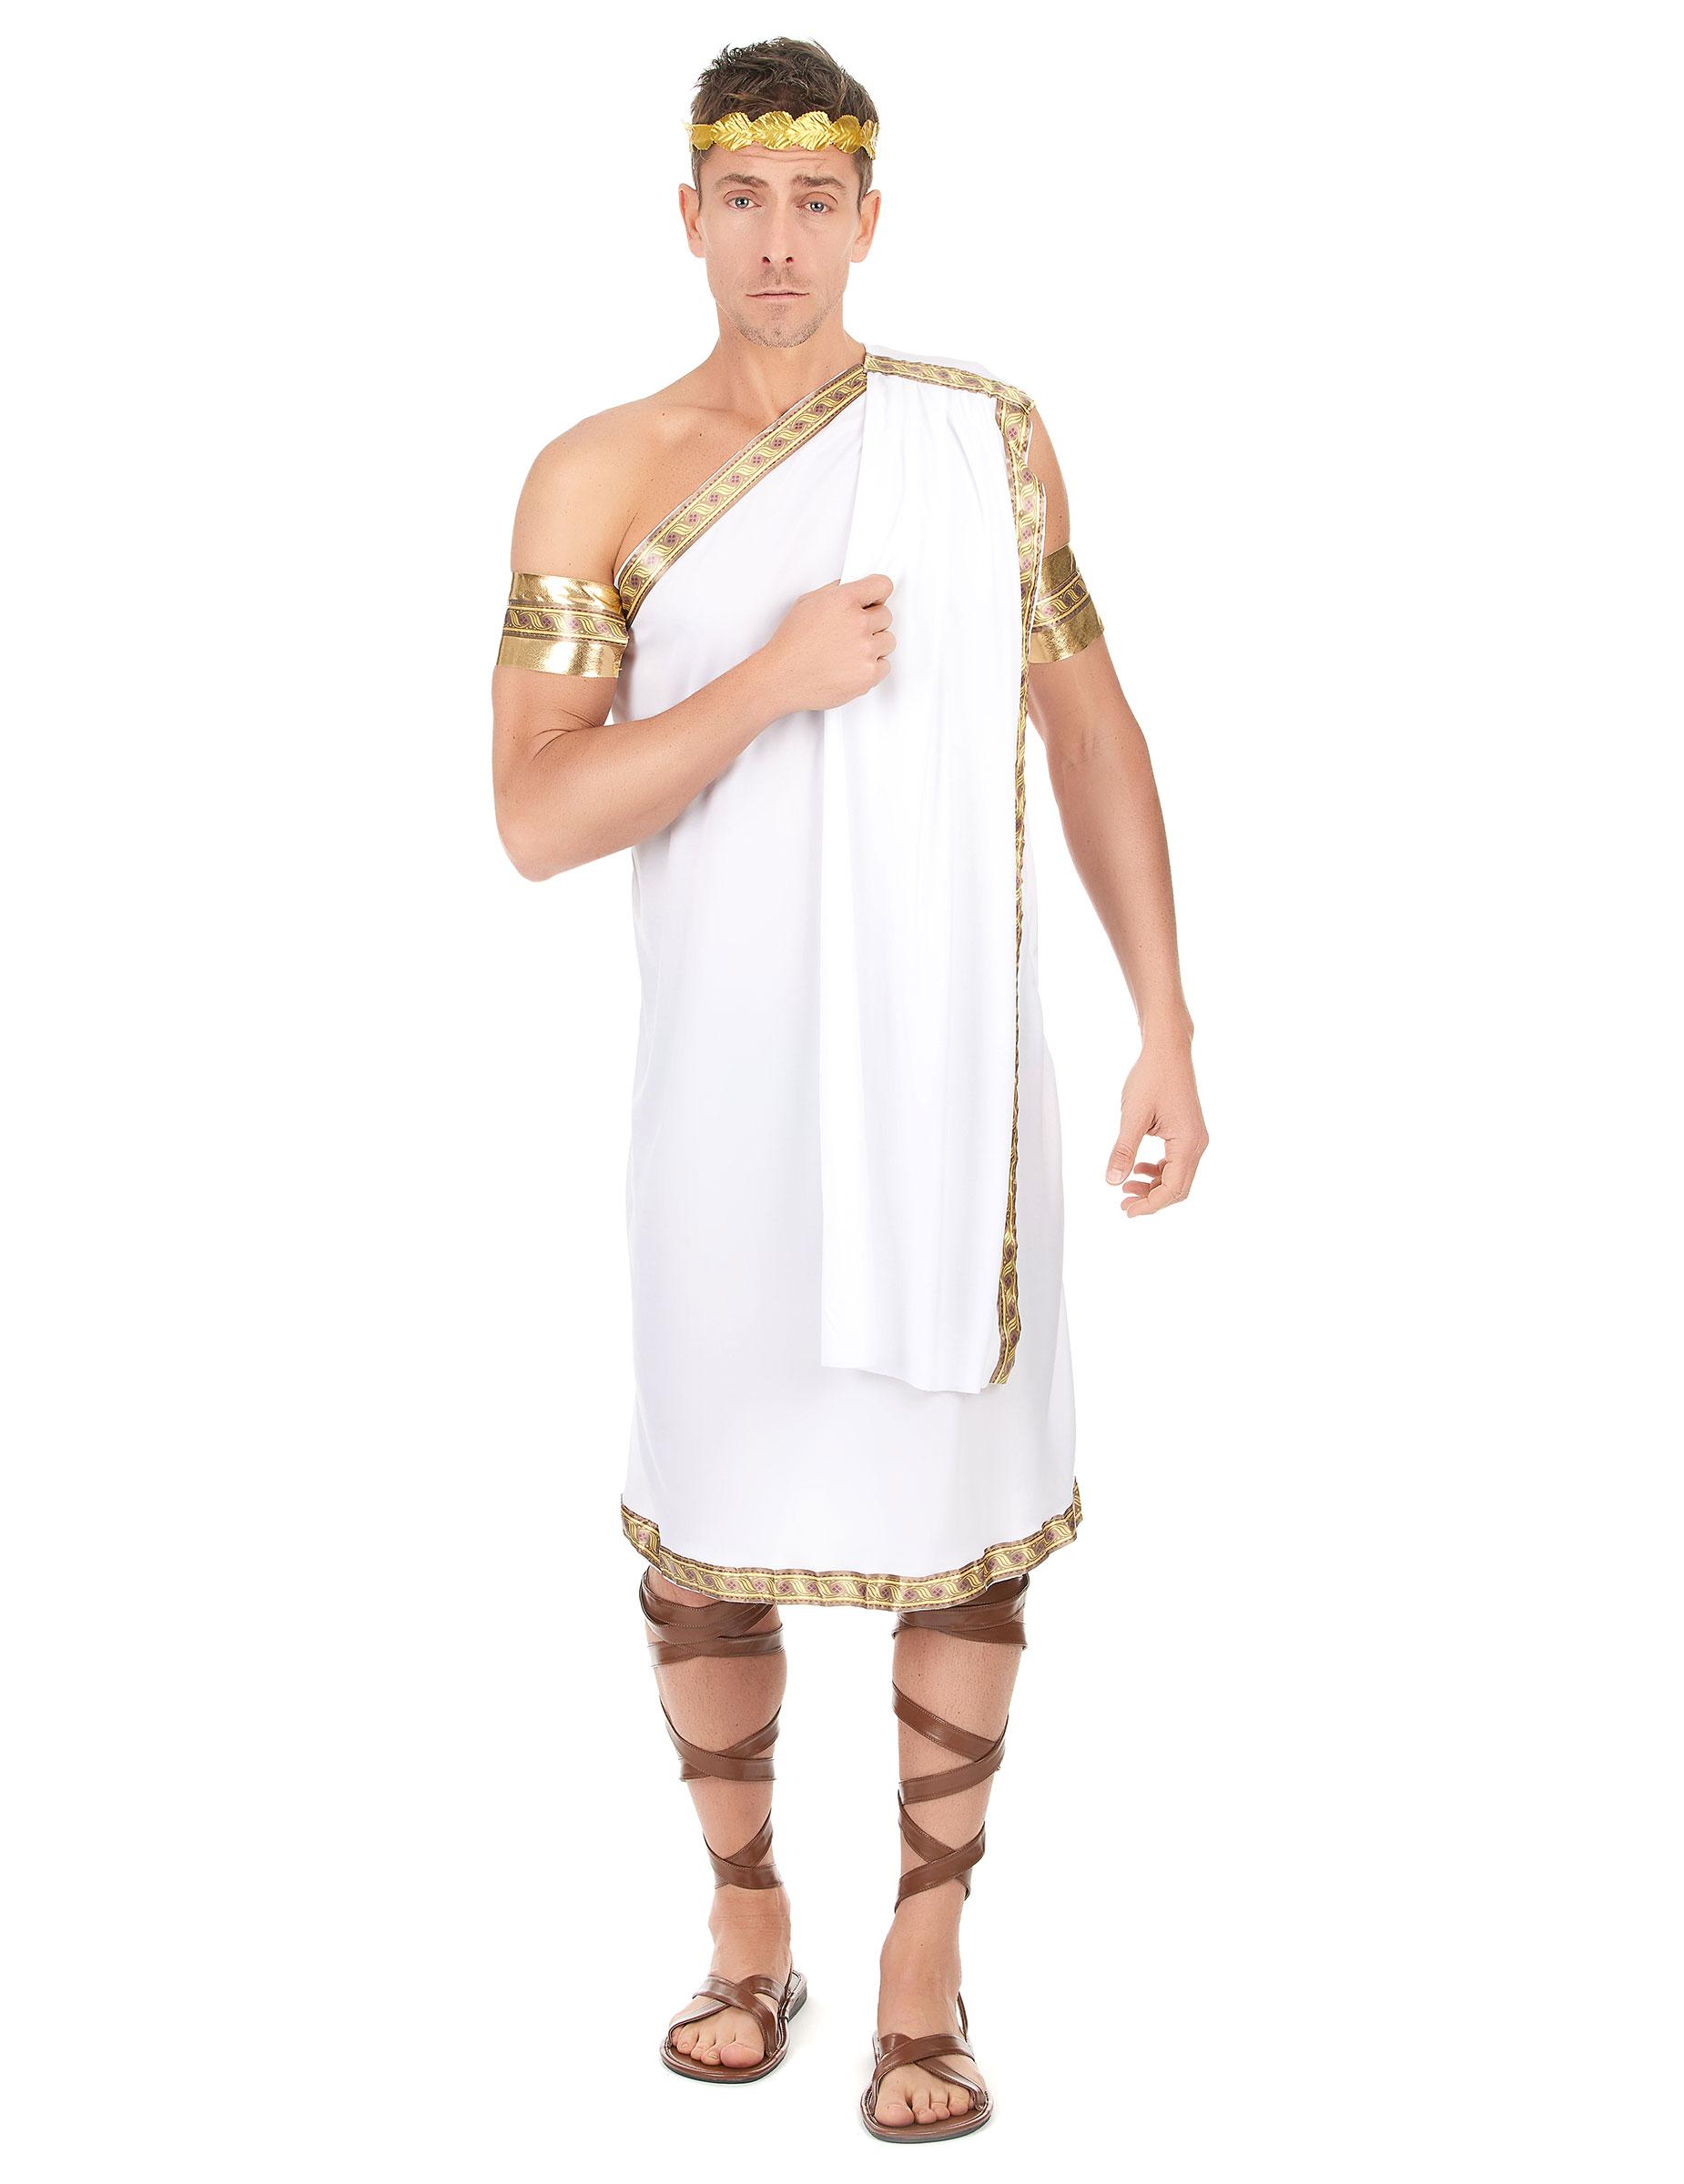 Costume da greco antico per uomo  Costumi adulti 1a84d4bac52